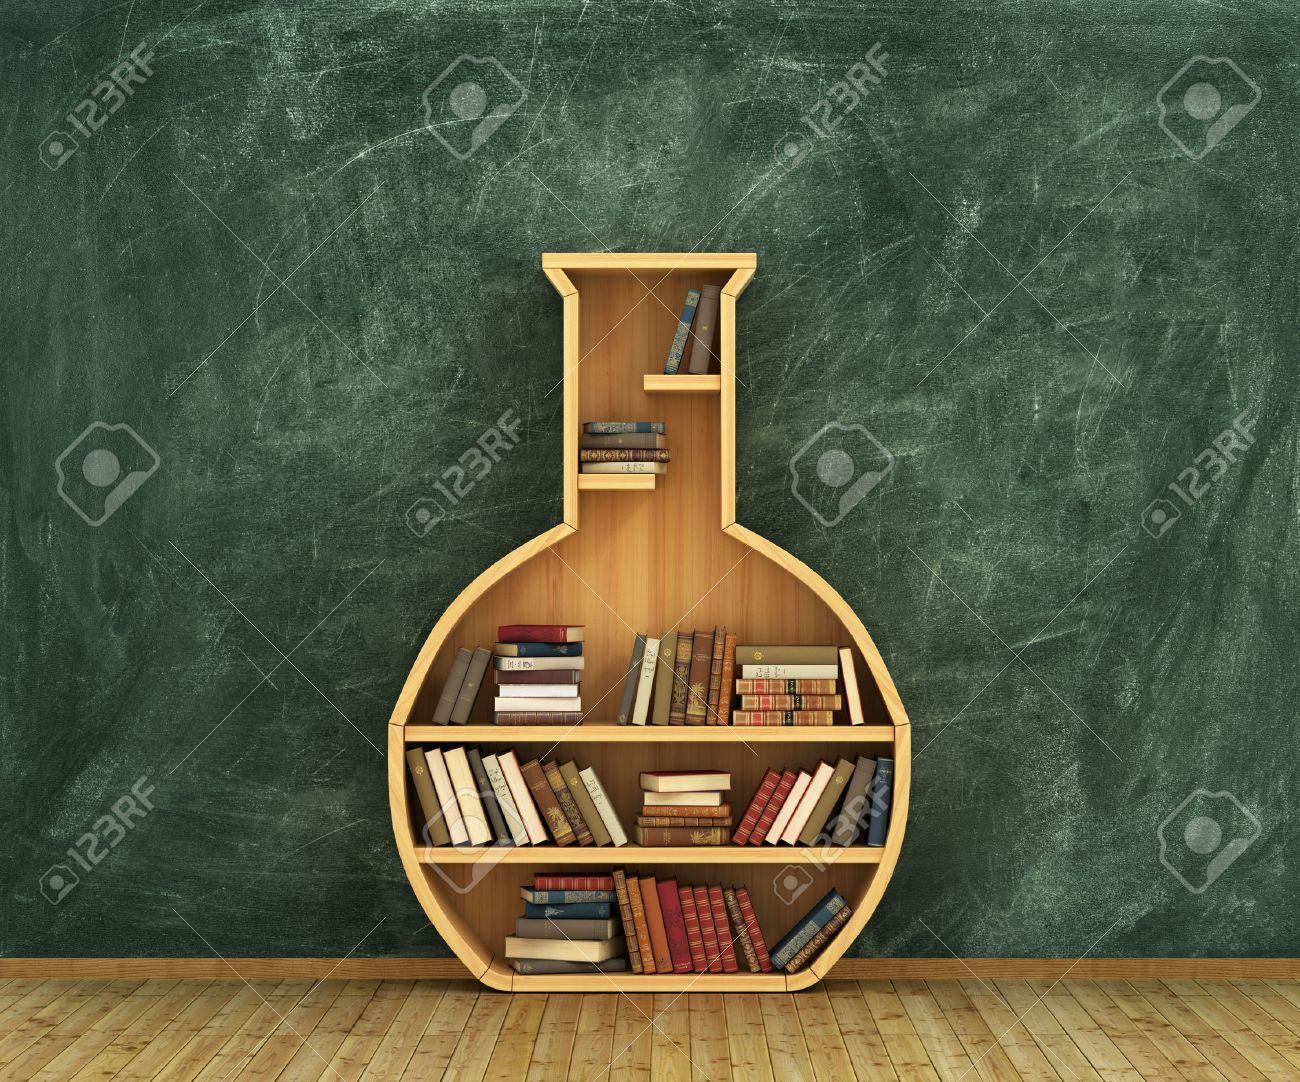 Concept of chemistry  Bookshelf full of books in form of test-tube